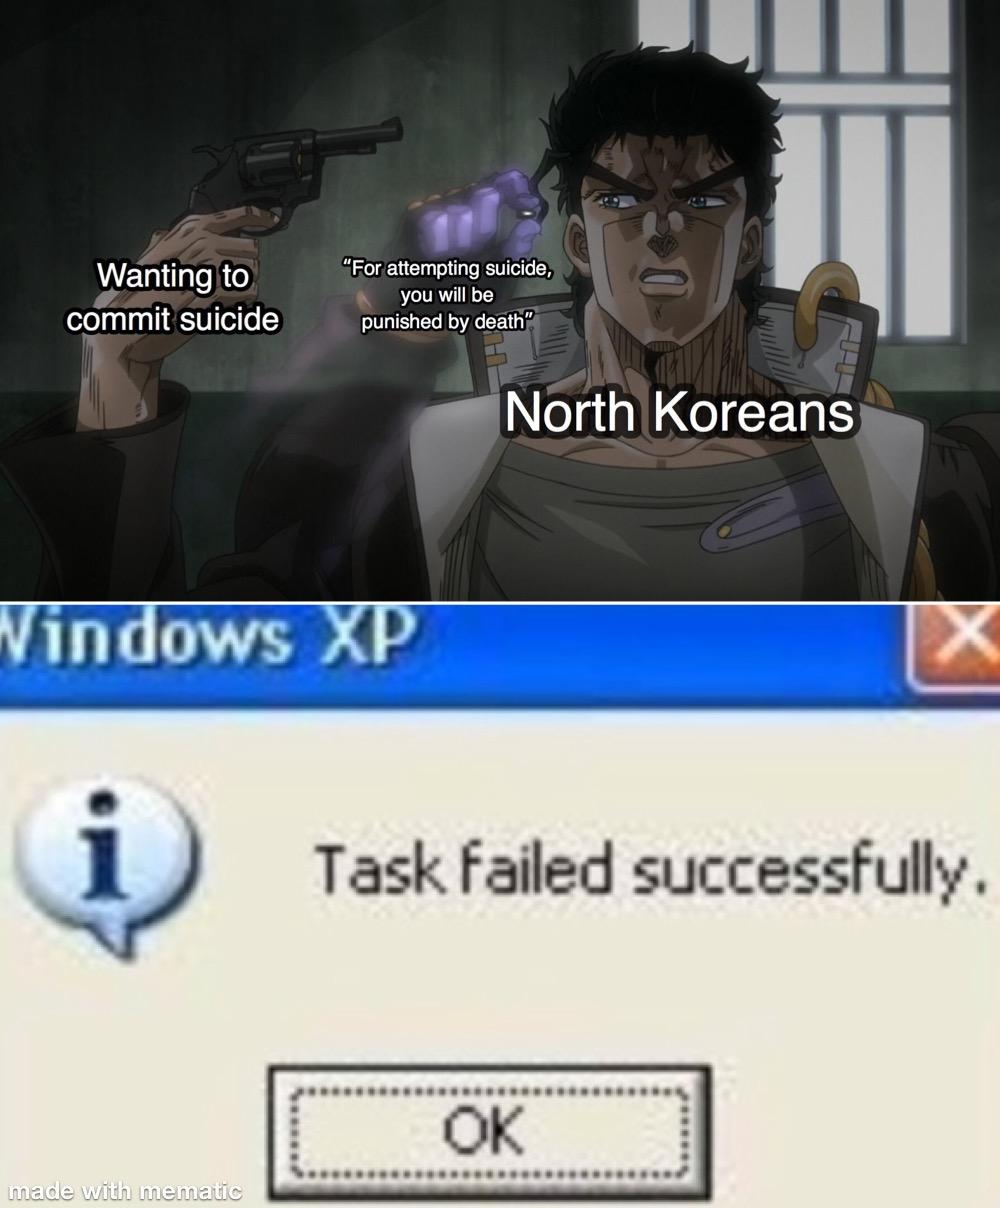 Task Failed Successfully Fandom Task failed successfully. < > 6 comments. task failed successfully fandom